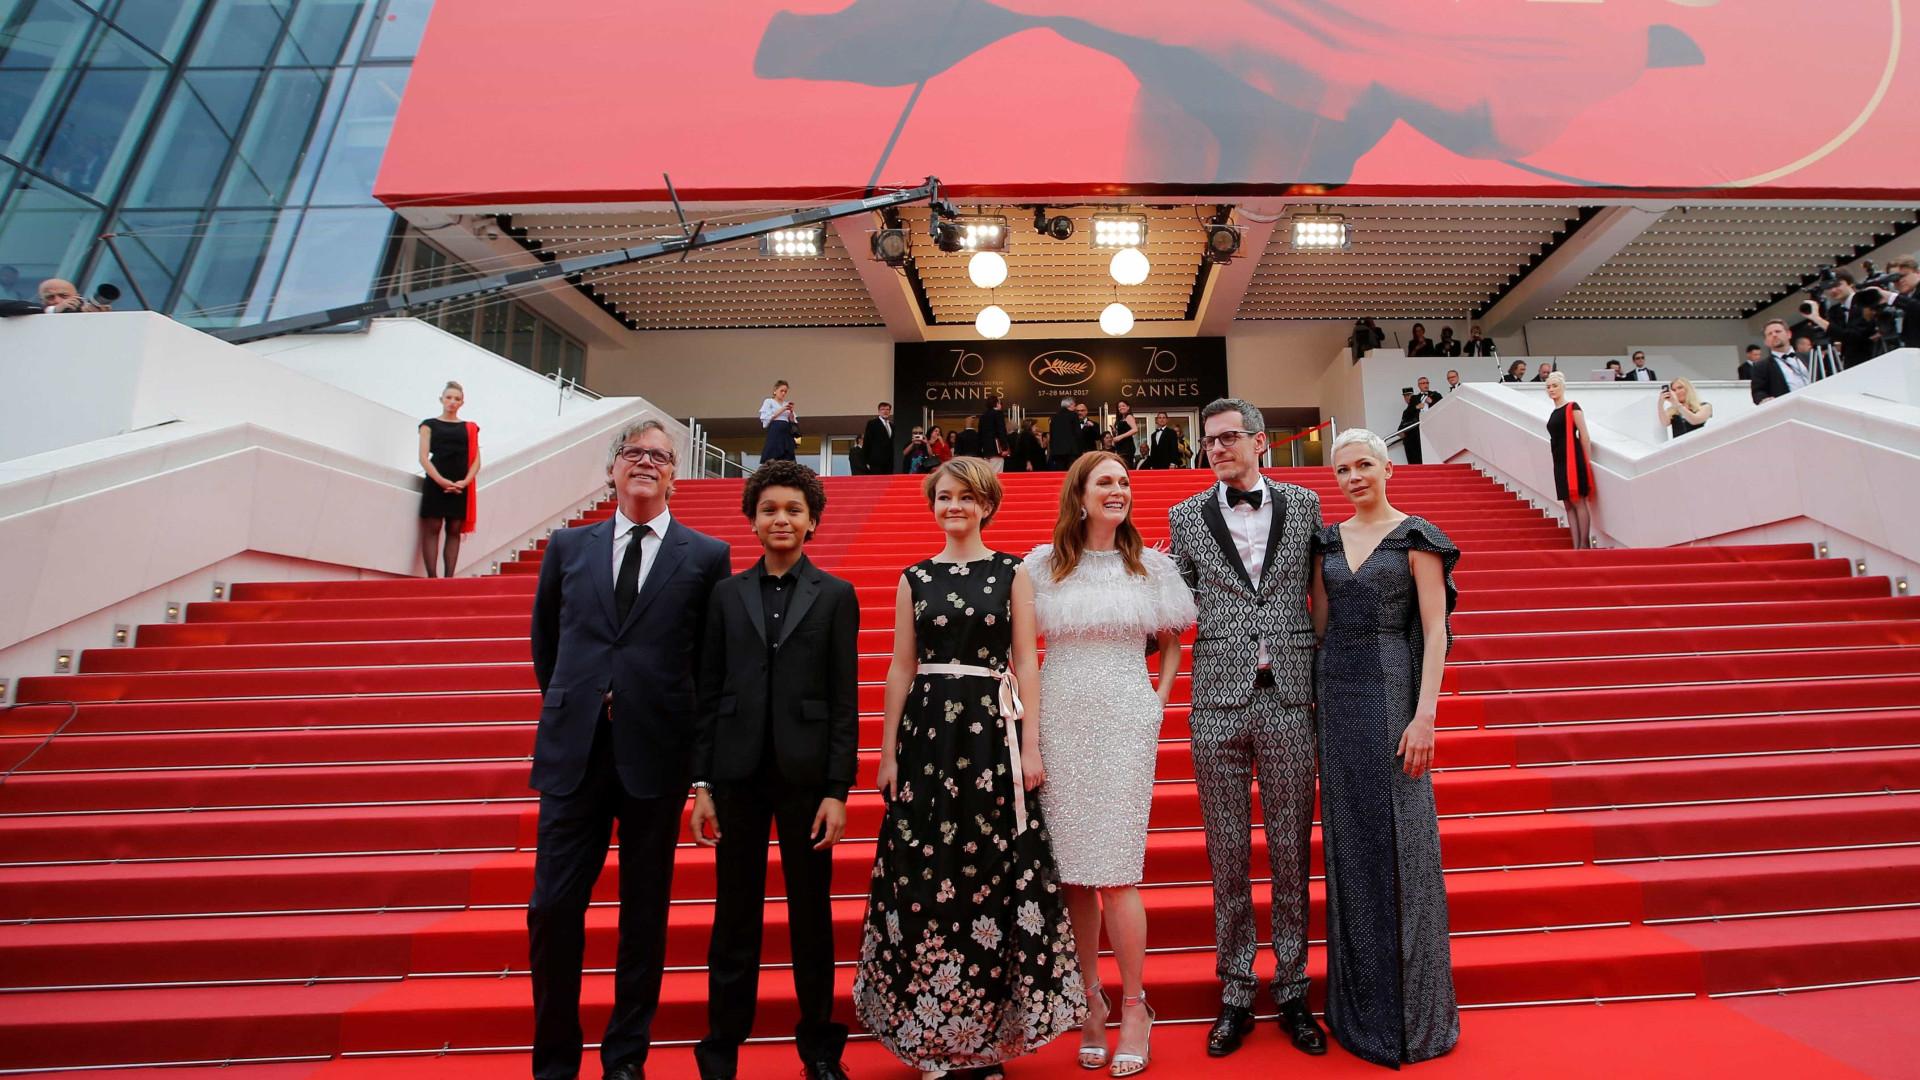 Ternura de 'Sem Fôlego' se opõe à dureza de 'Loveless' em Cannes